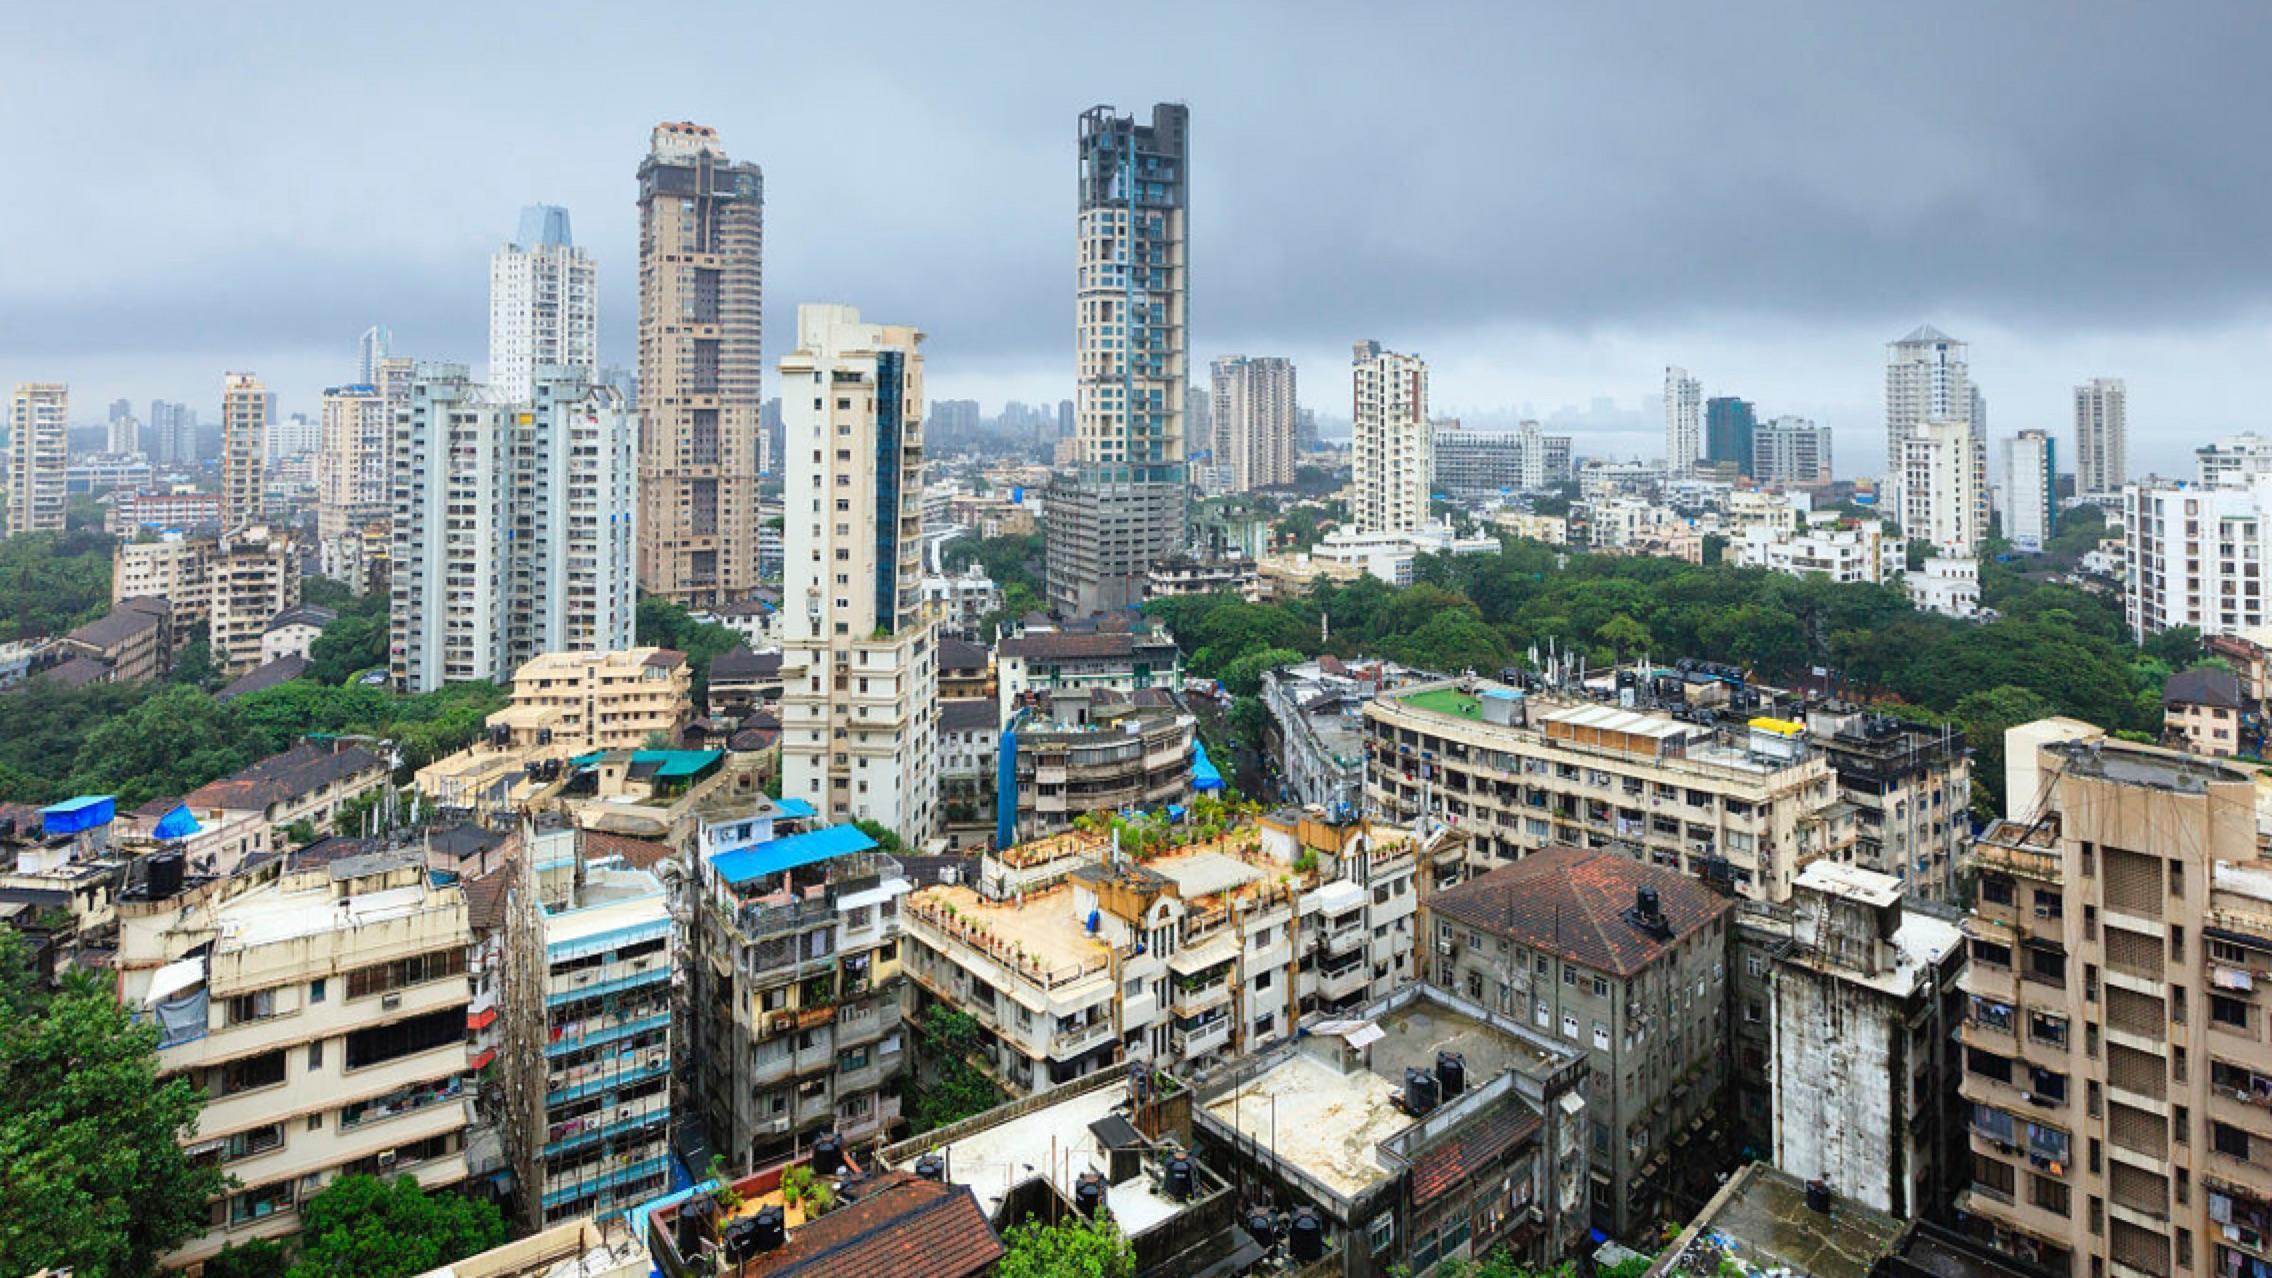 孟买和新德里GDp各多少_印度的人口那么多,那么印度的房价贵吗